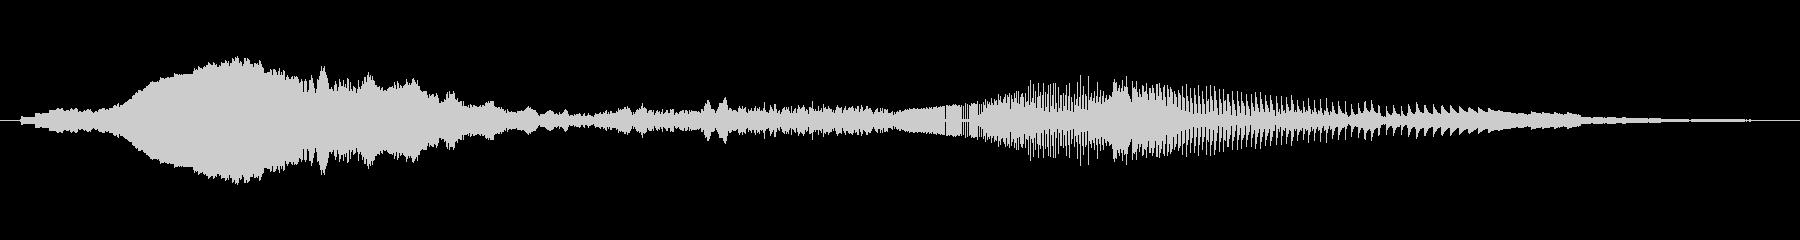 ノイズ、ライズ、フォール、シンセ、...の未再生の波形